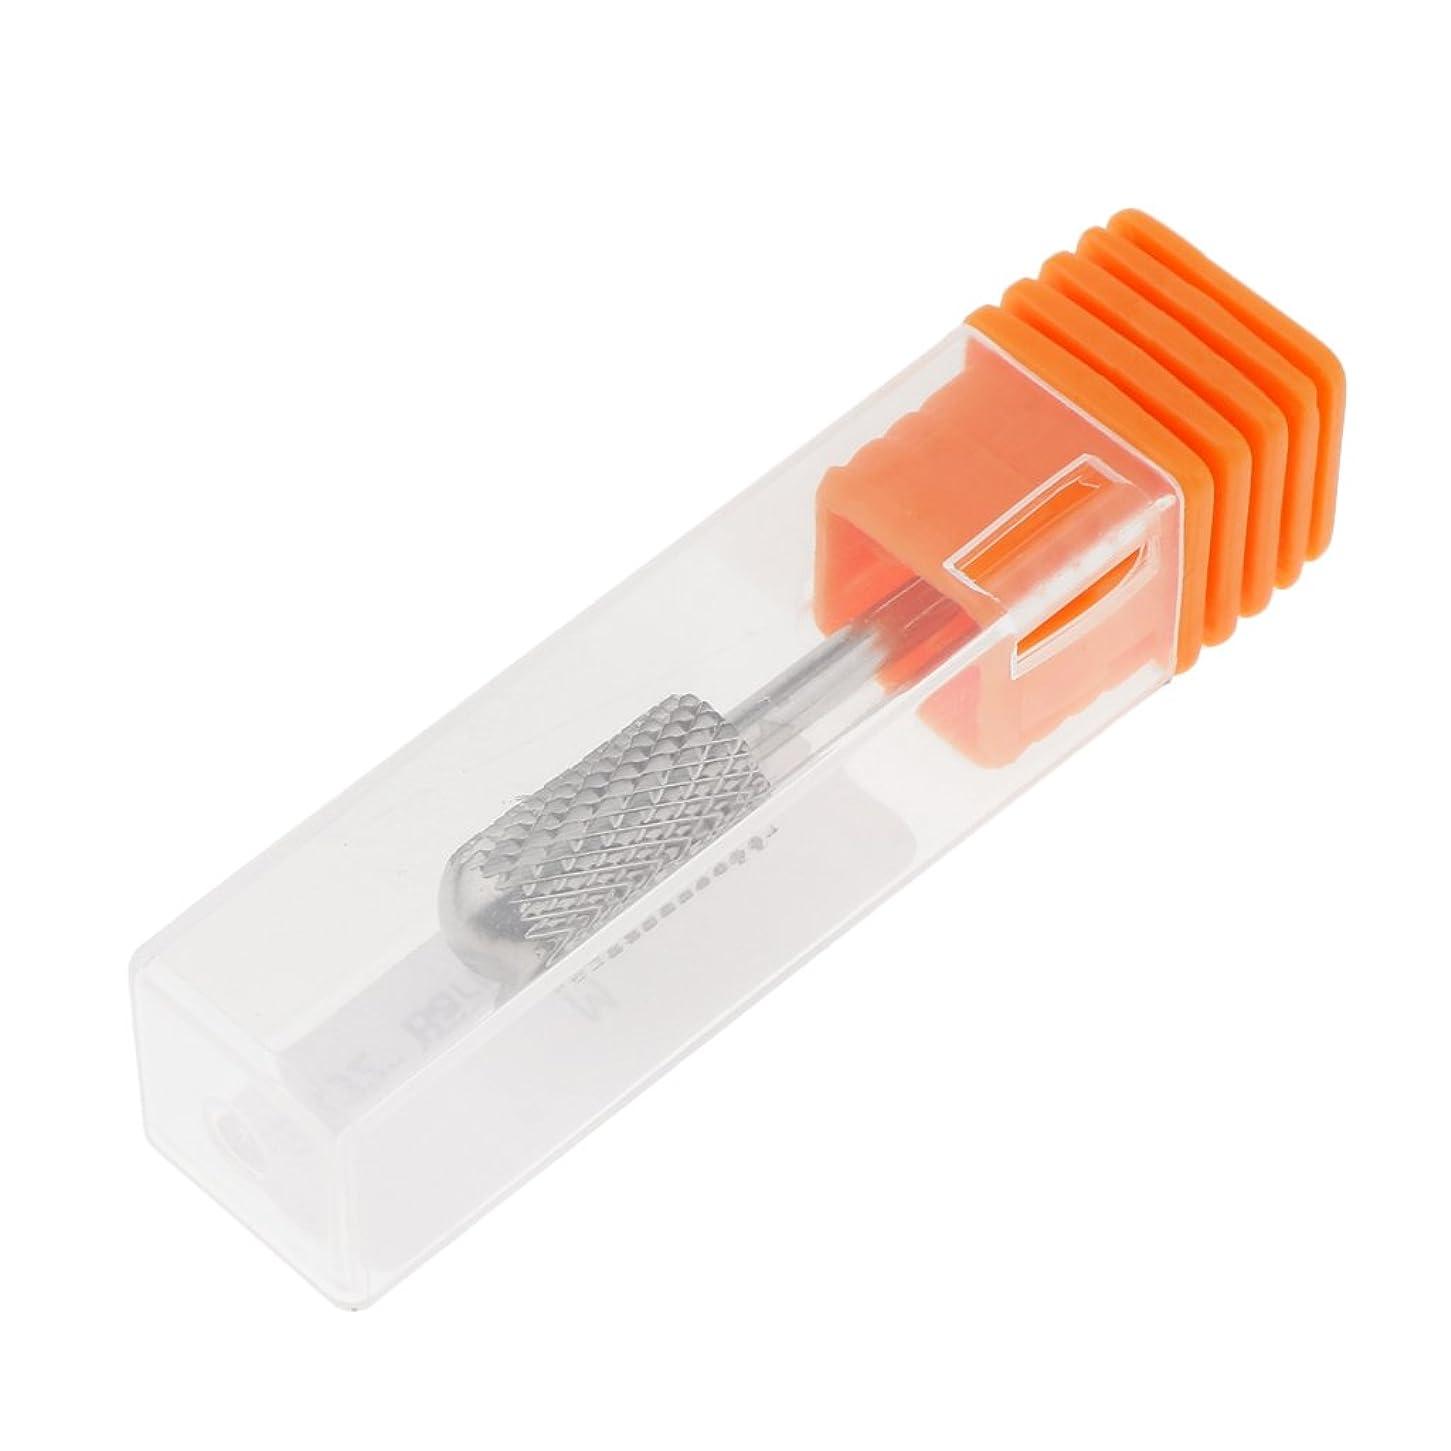 ワゴン必要ないきらめくPerfk ネイルドリルビット ネイルファイル ネイルアート リムーバー 切削性能 耐久性 全4タイプ - G12-M